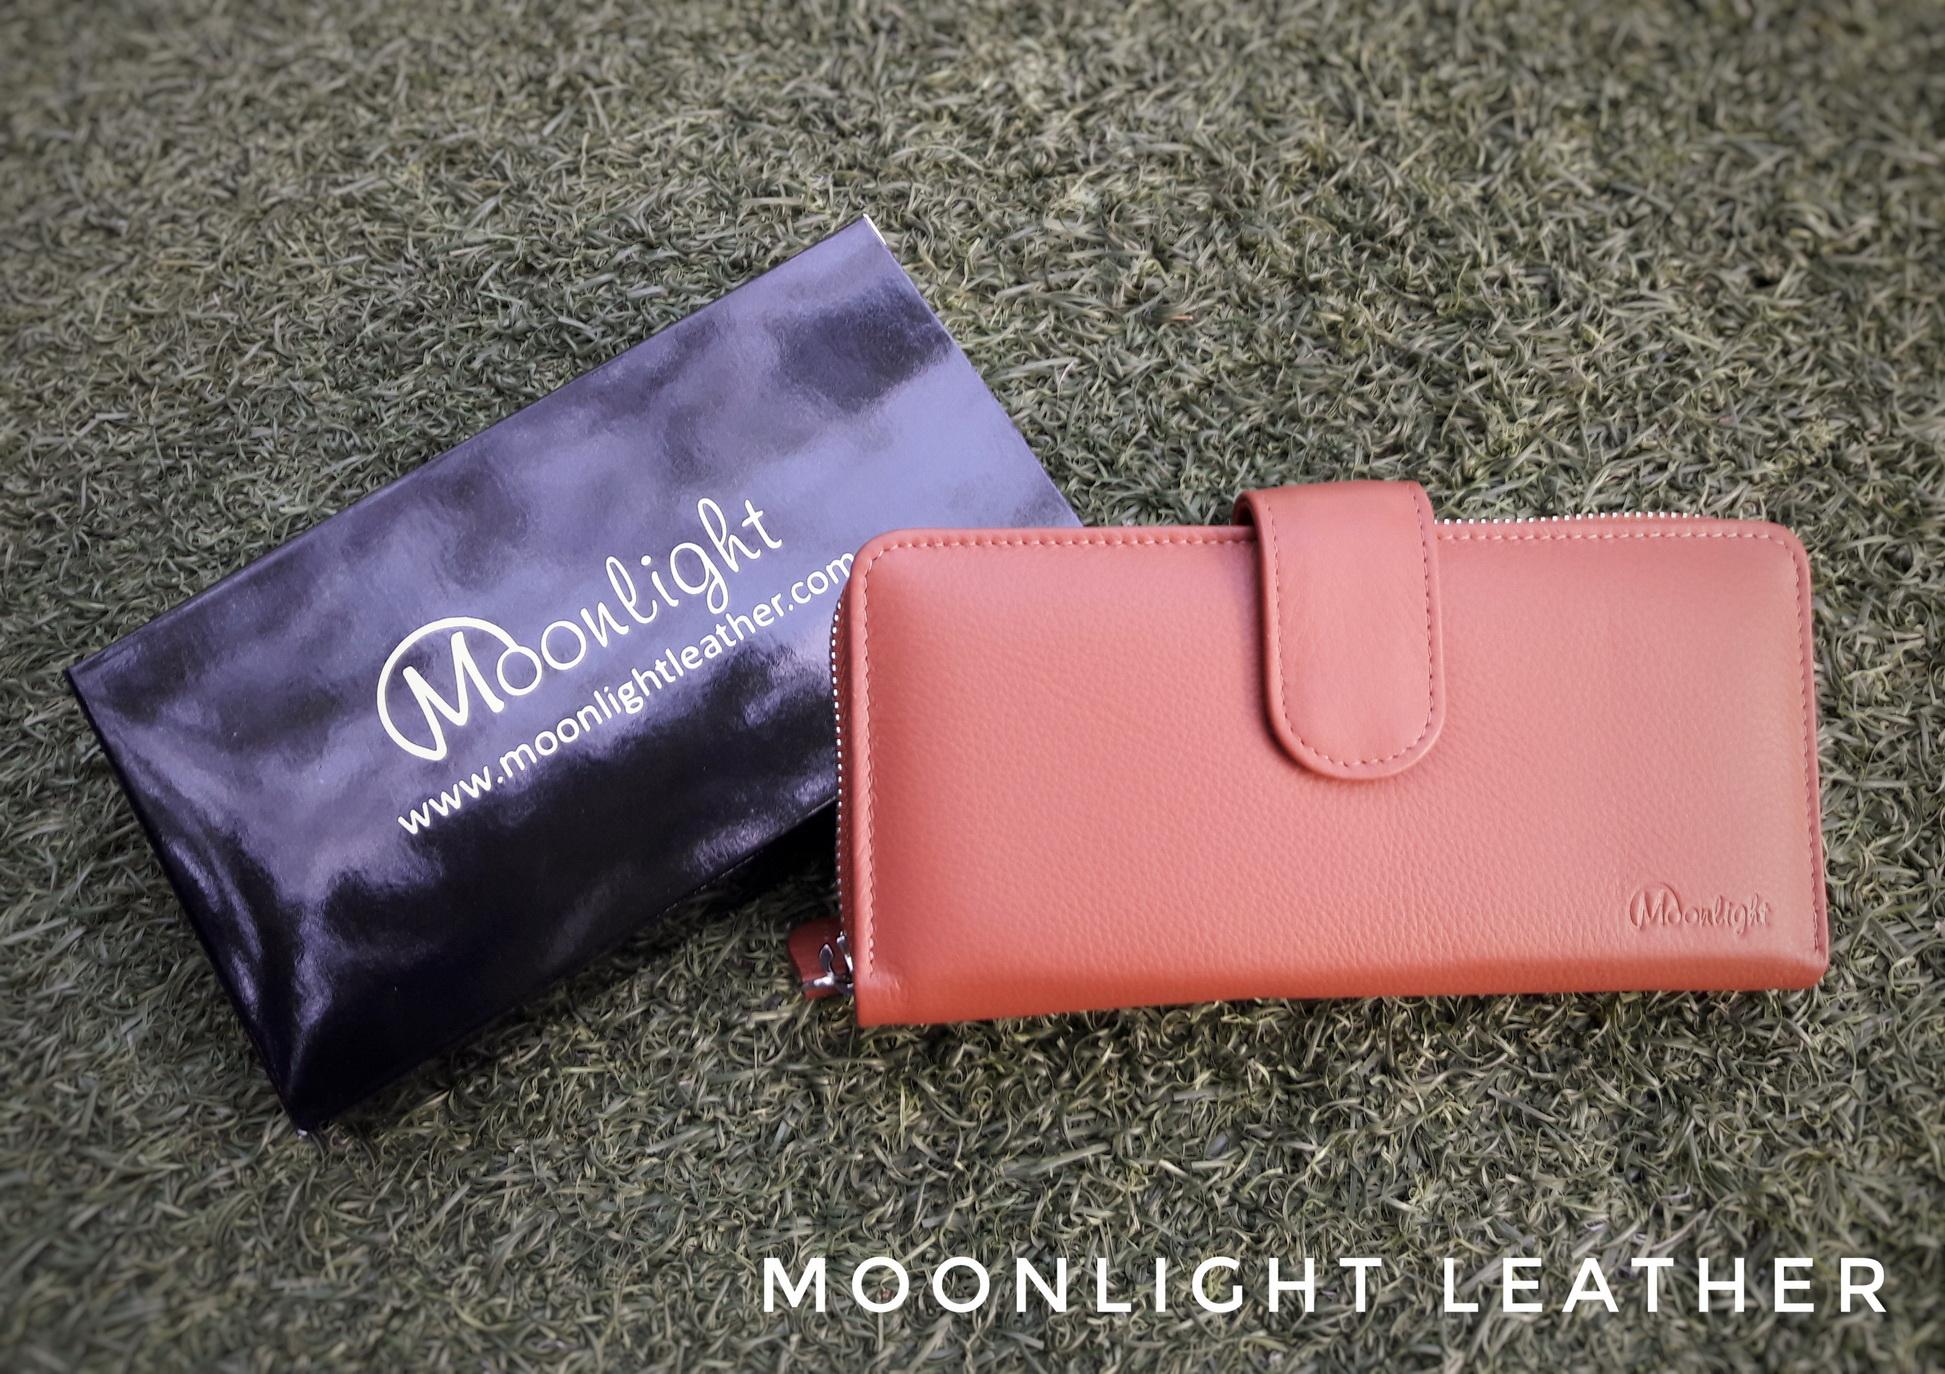 กระเป๋าสตางค์ผู้หญิงใบยาวสวย สีน้ำตาลอมส้ม เป็นหนังวัวแท้แสนนุ่ม ทนทาน โดนน้ำได้ไม่ลอกร่อน พร้อมกล่องแบรนด์แท้ Moonlight